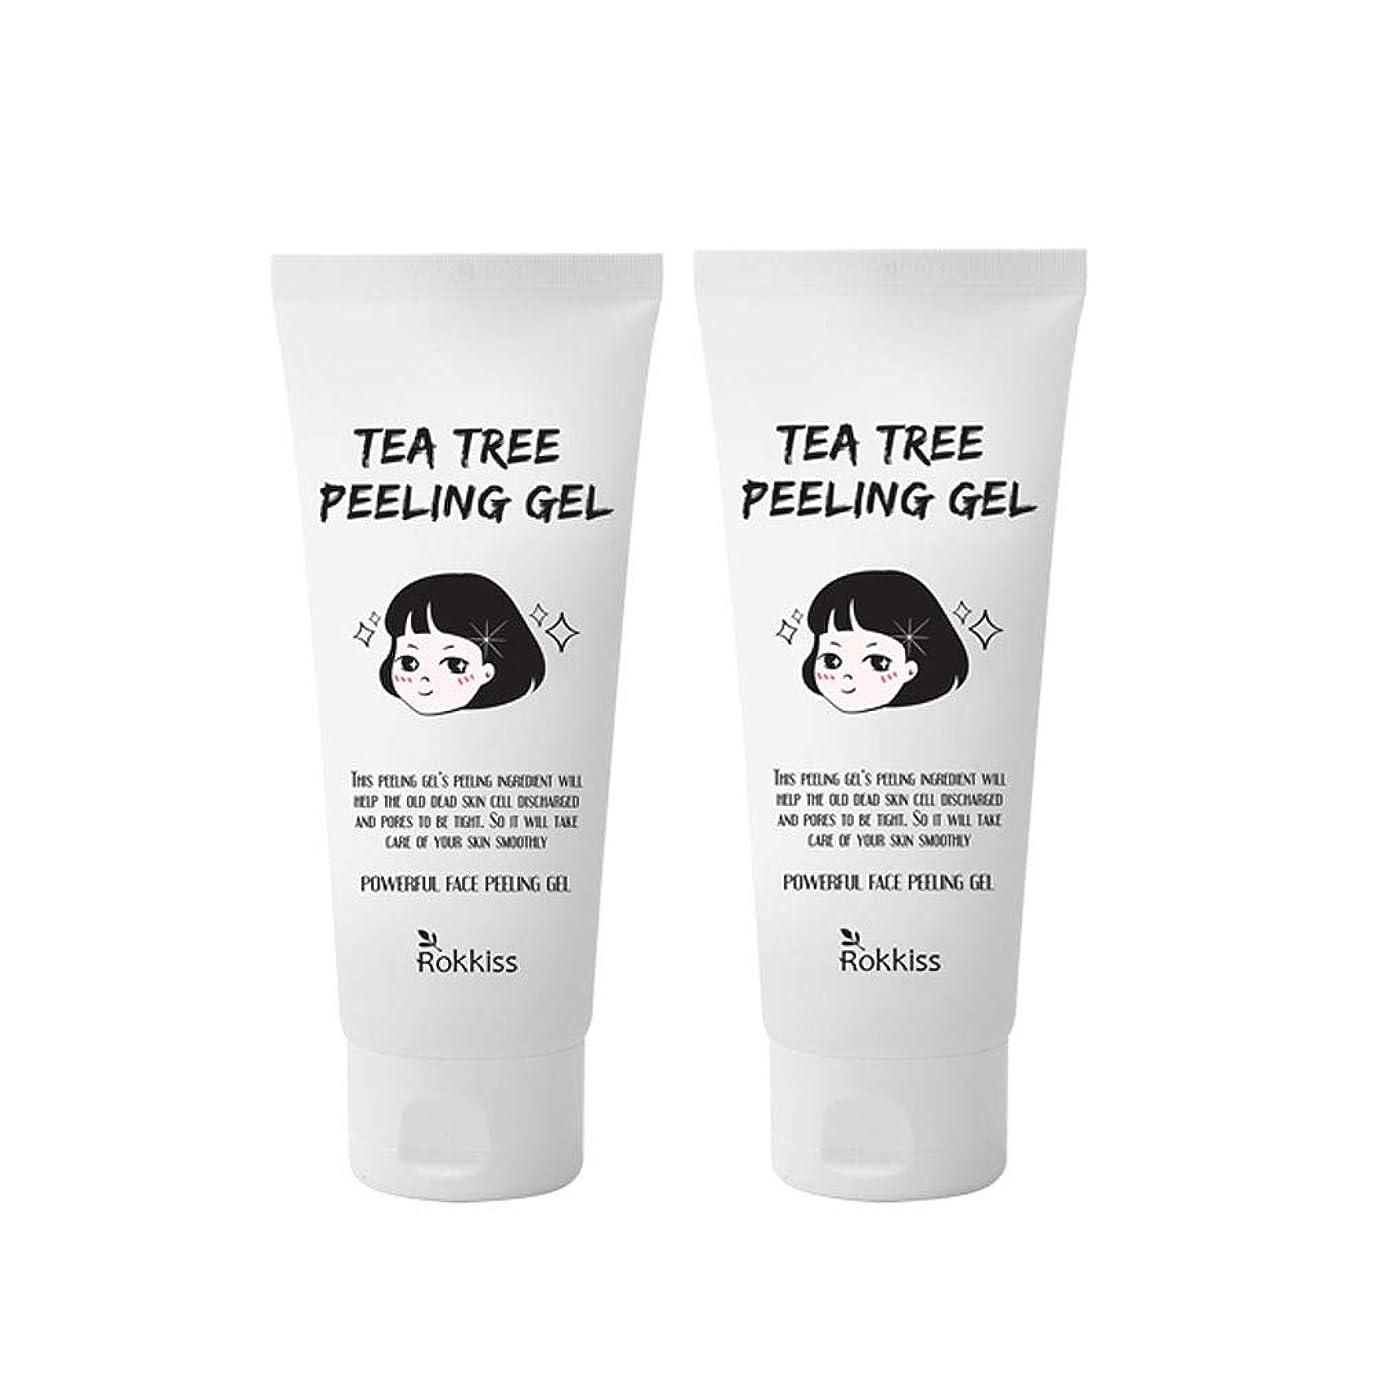 レタス泣き叫ぶ揺れるロッキーズティーツリーピーリングジェル120mlx2本セット韓国コスメ、Rokkiss Tea Tree Peeling Gel 120ml x 2ea Set Korean Cosmetics [並行輸入品]